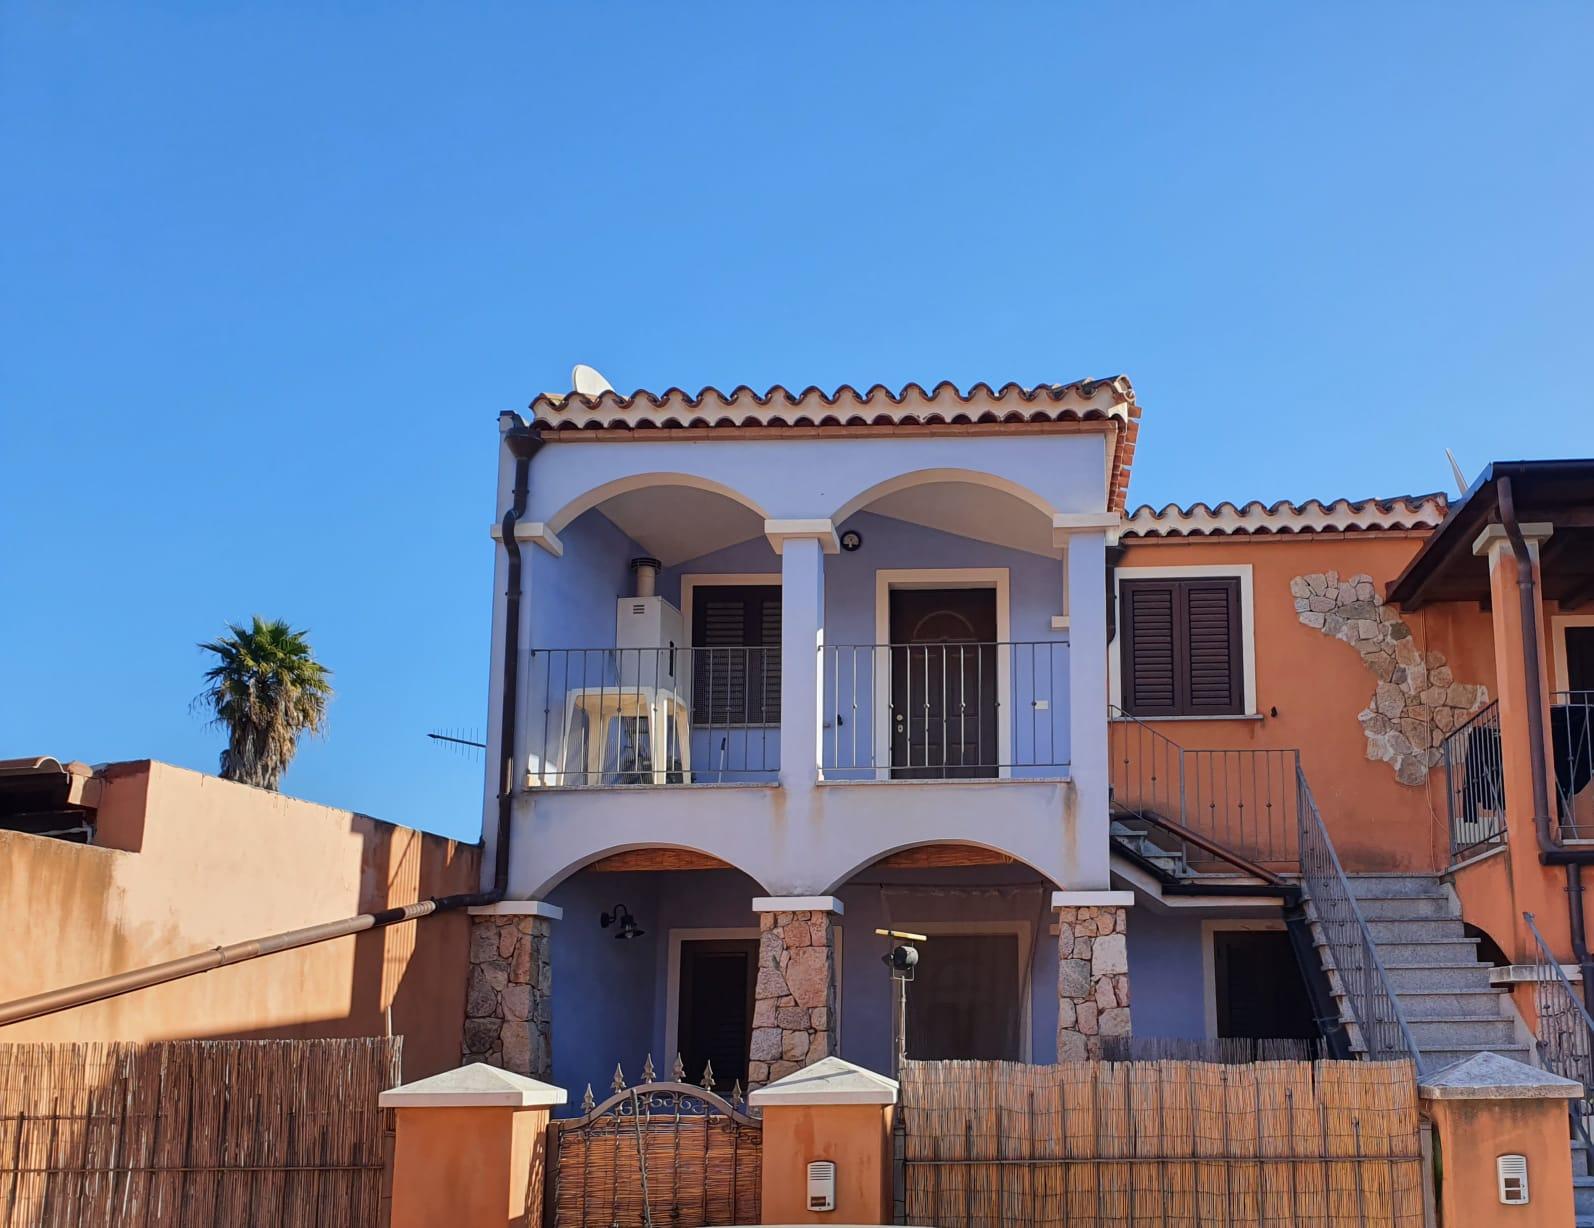 Appartamento in vendita a Tortolì, 2 locali, prezzo € 95.000 | PortaleAgenzieImmobiliari.it